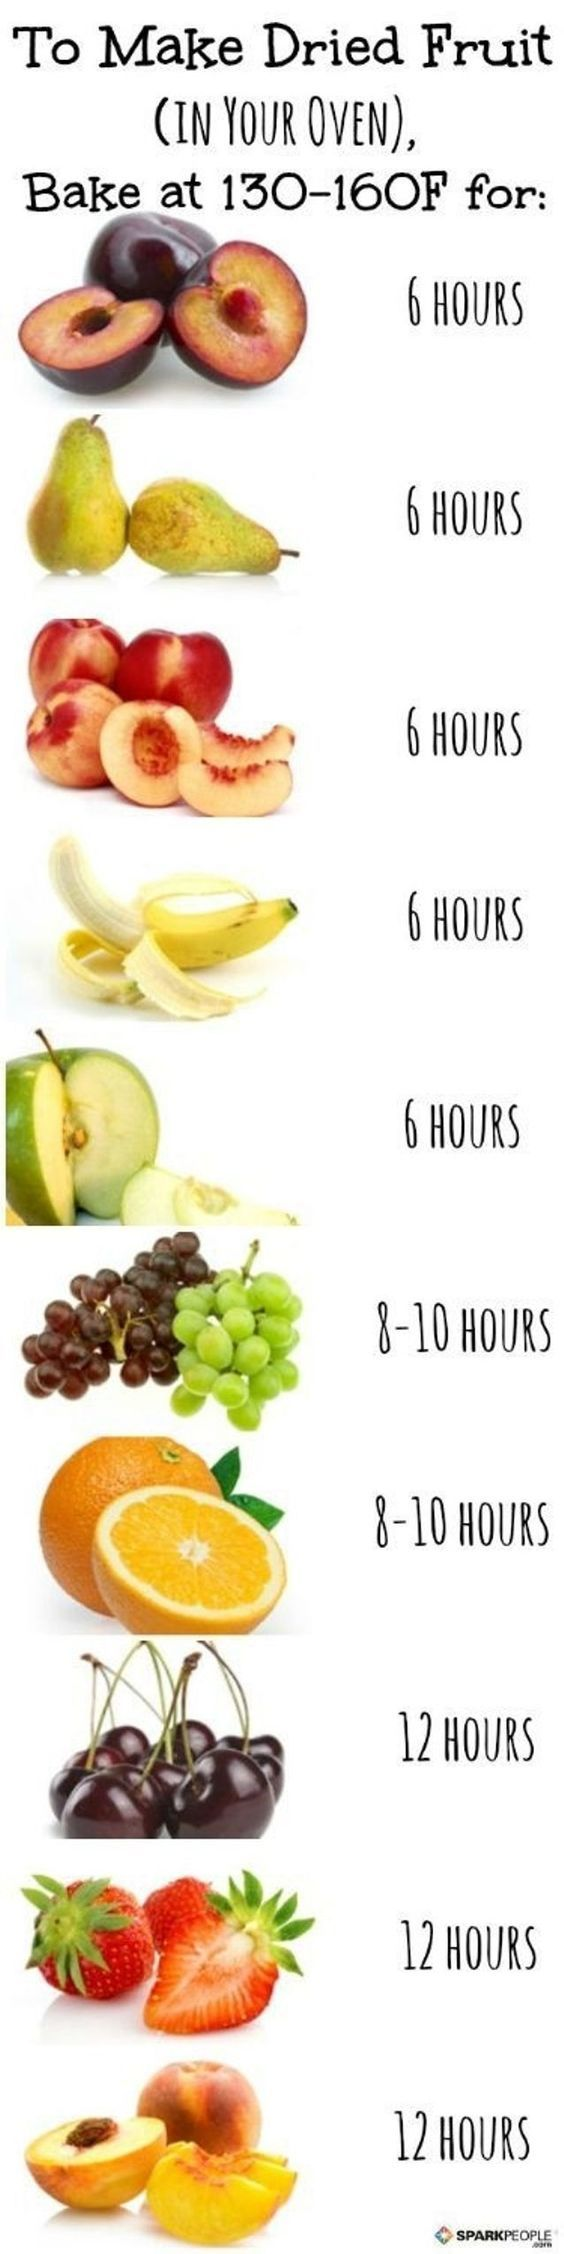 Früchte im Ofen trocknen bei 54-70 Grad Celsius.  Backofentür dabei einen Spalt auflassen (Kochlöffel in die Tür klemmen)